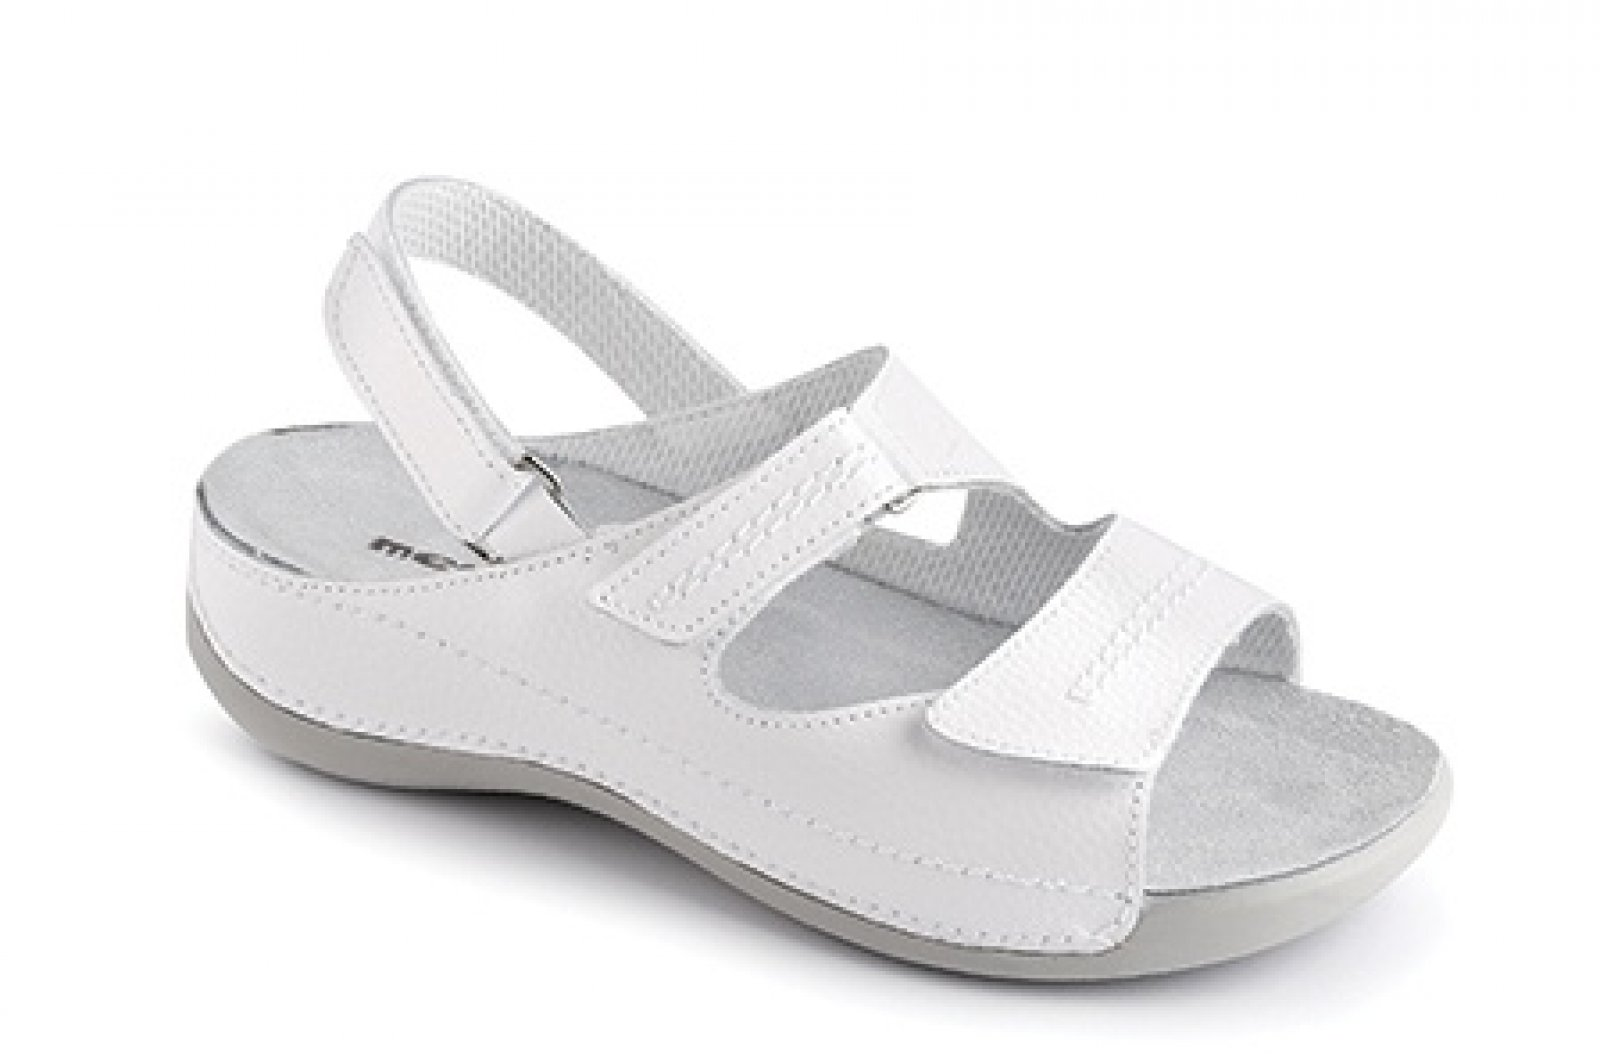 859357ffbfcf dámské sandály Medistyle Šárka bílé - KARS